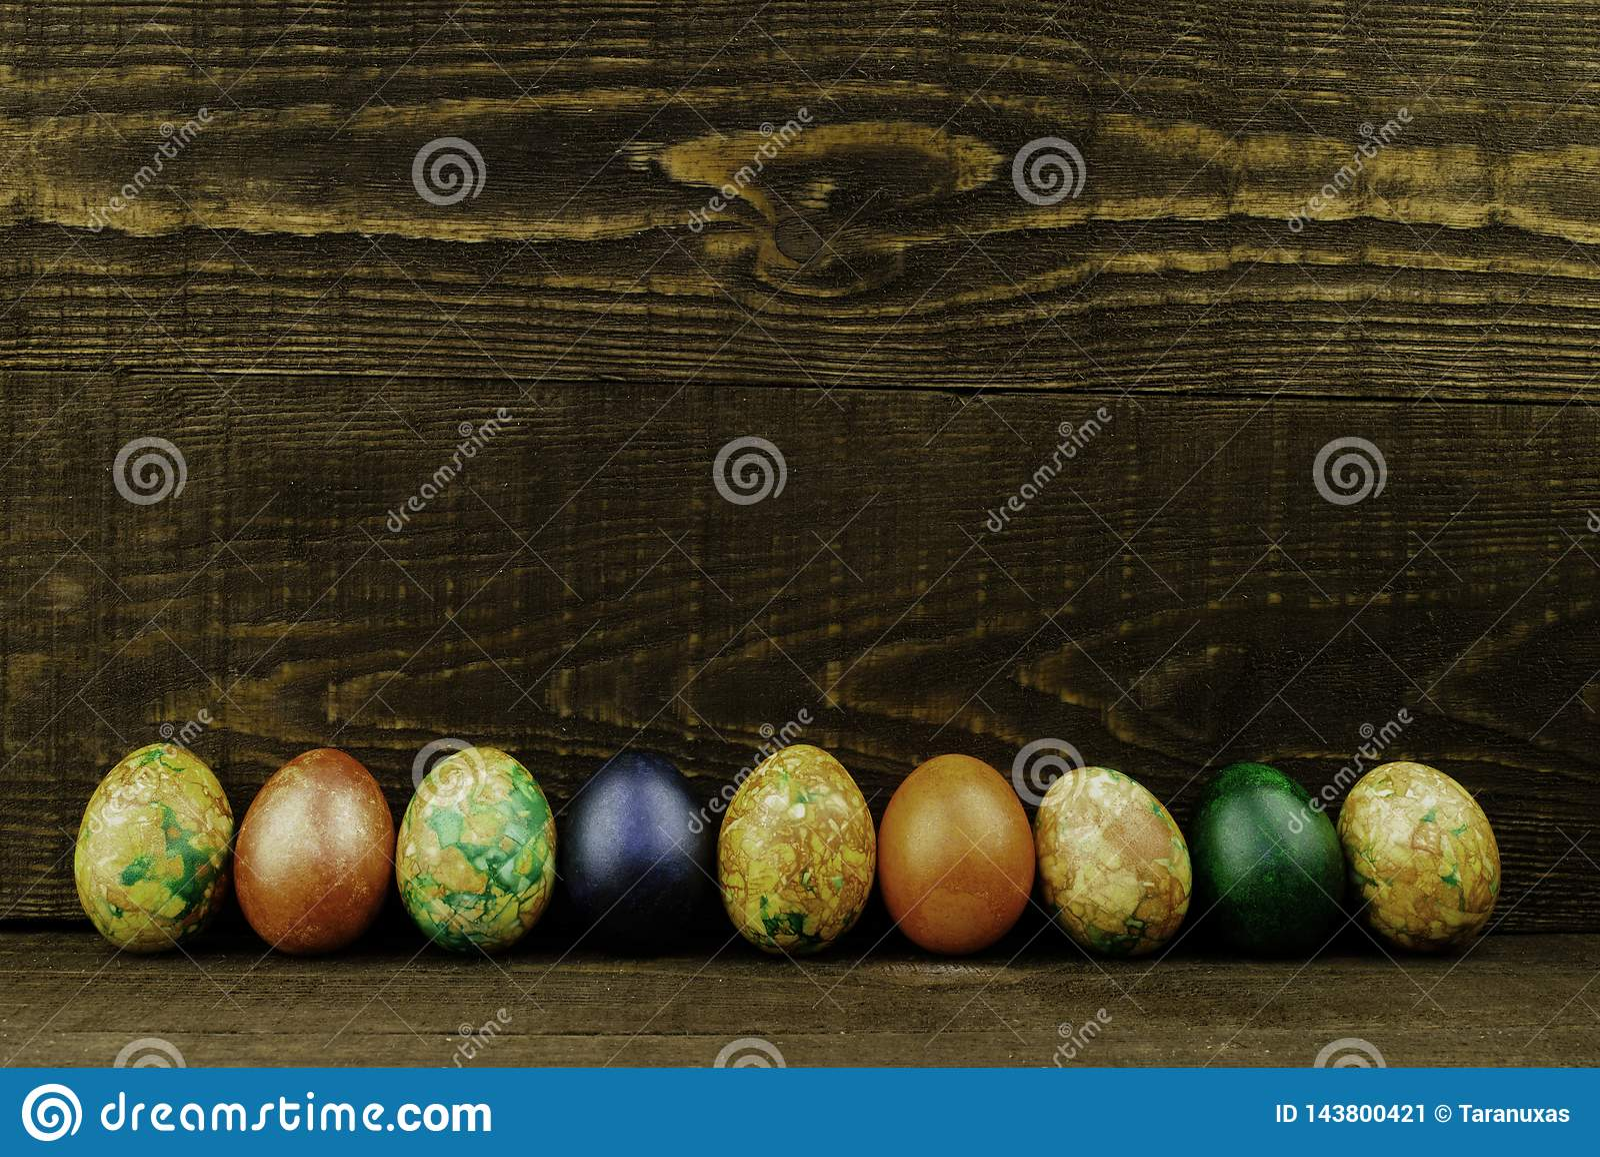 Uova di Pasqua in una fila su un fondo di legno marrone scuro, spazio della copia